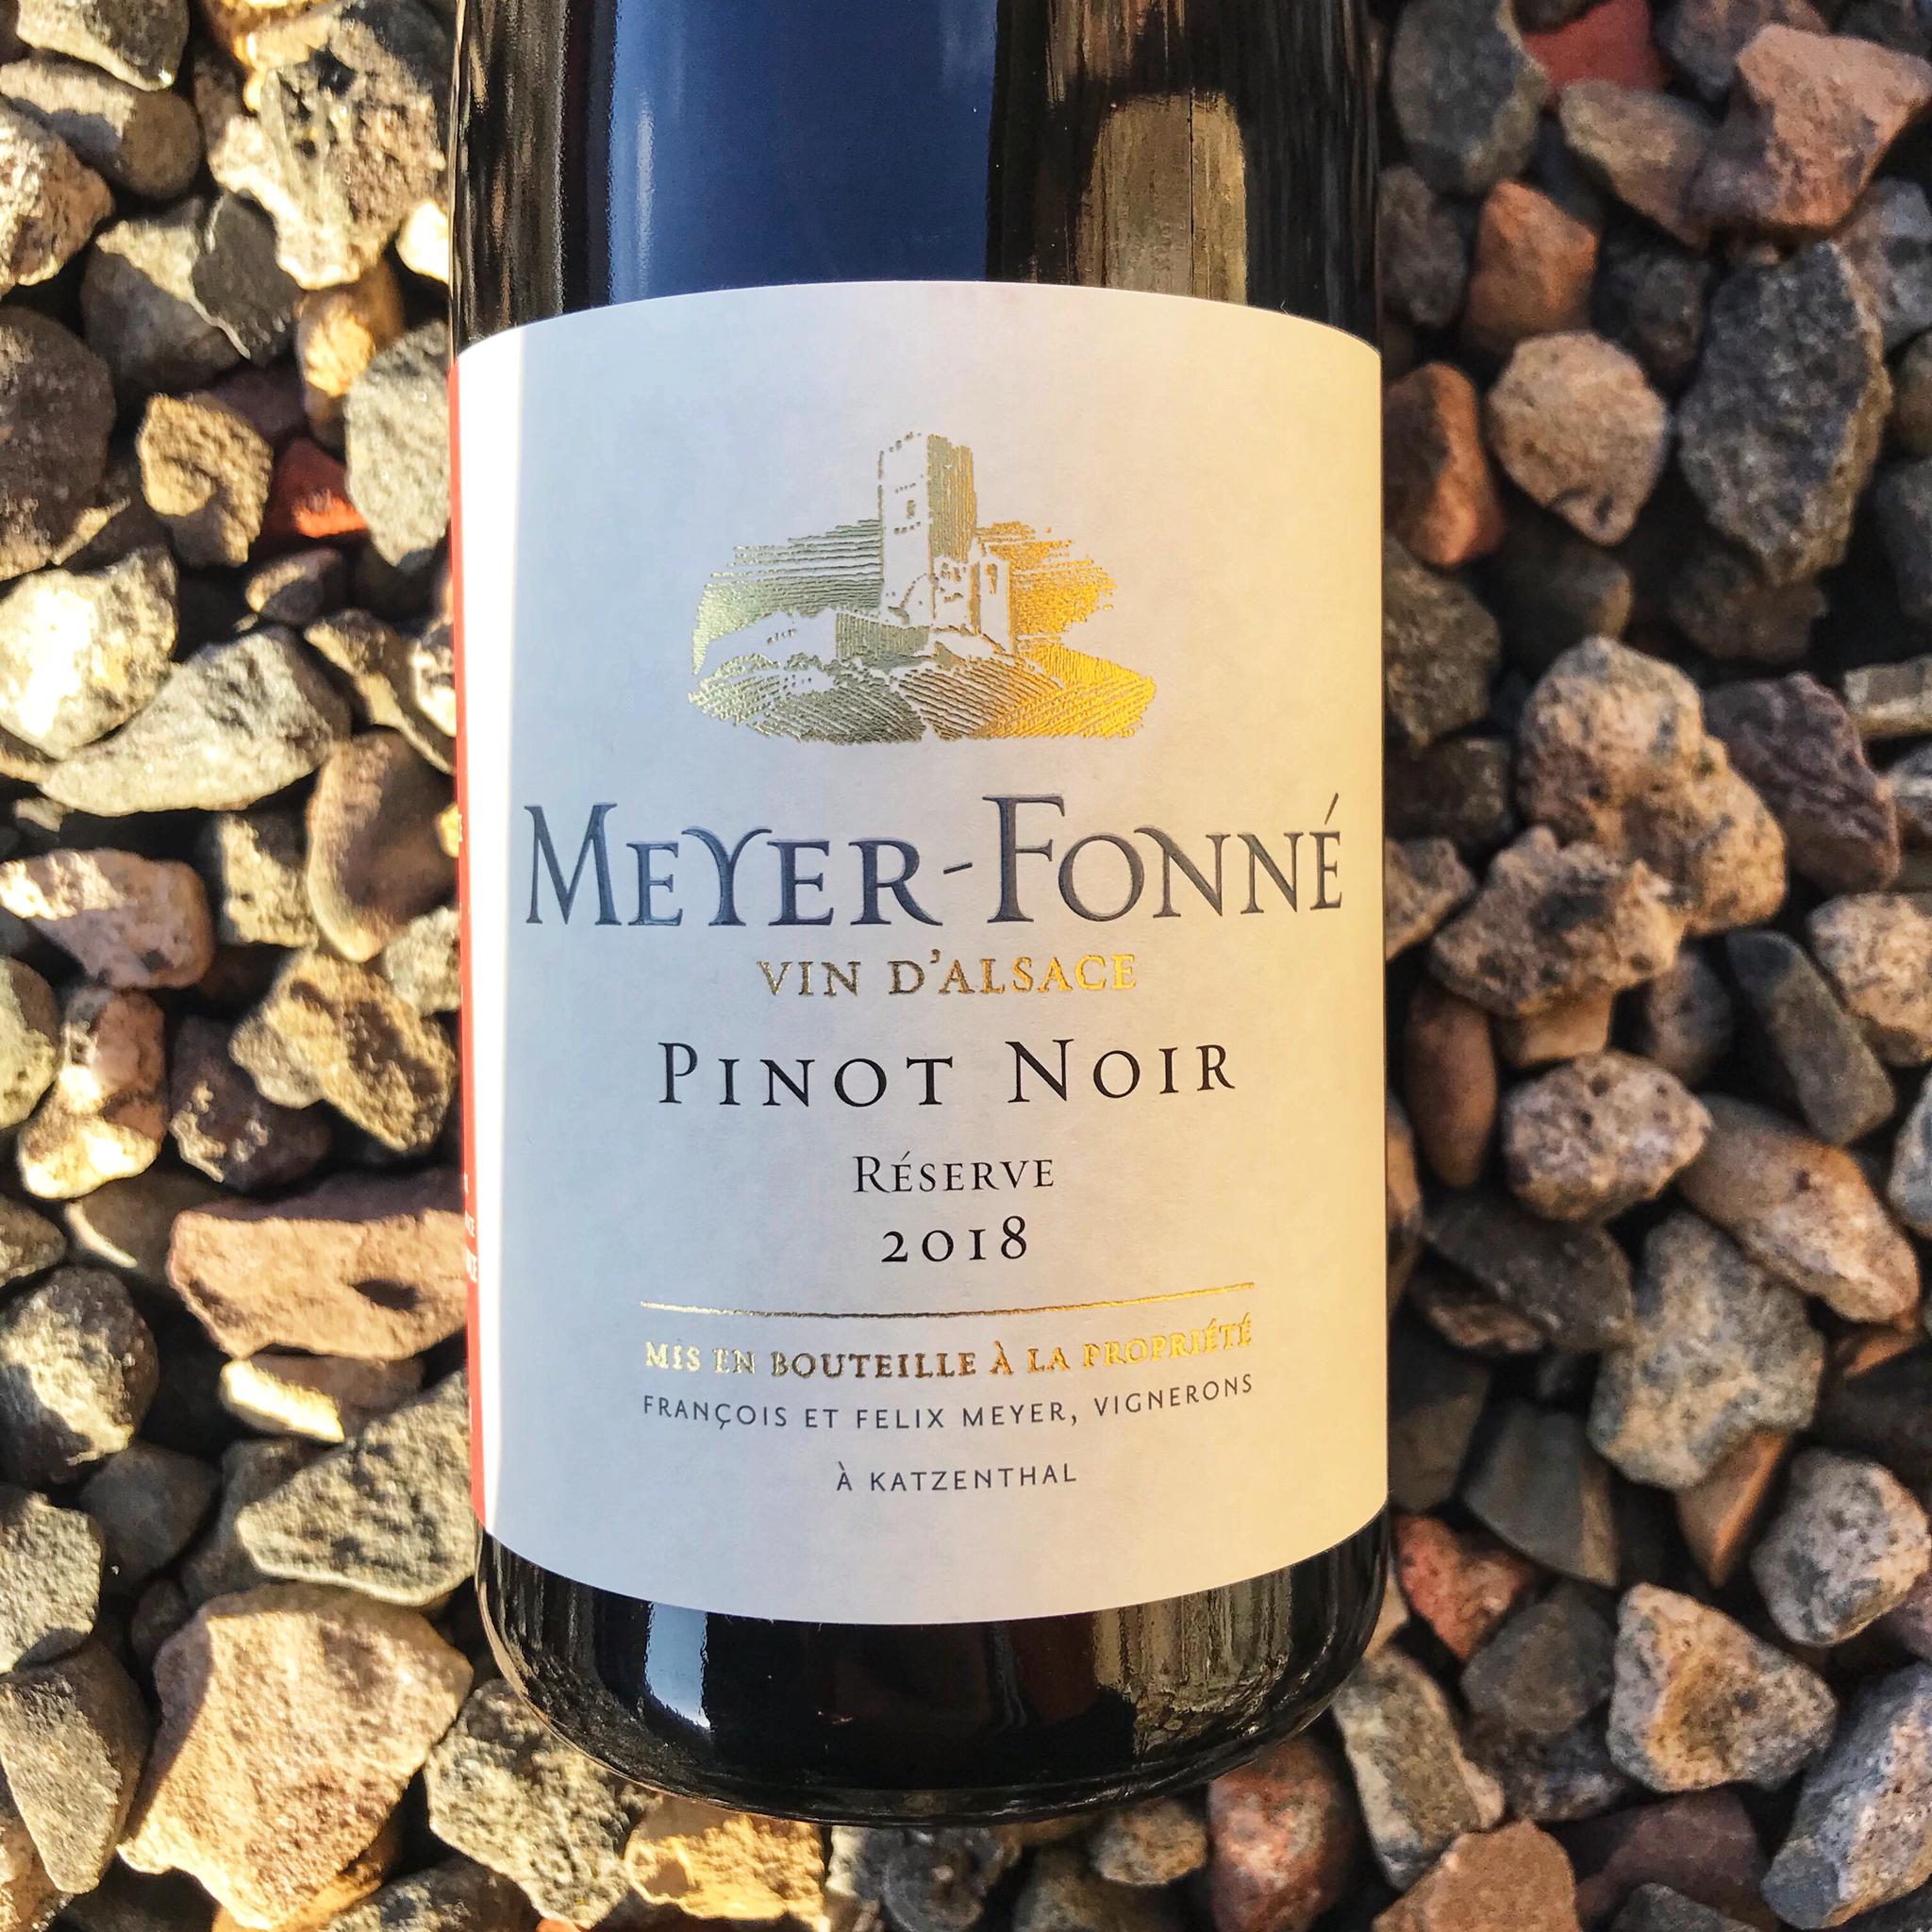 Meyer Fonne Pinot Noir Reserve 2018 00242